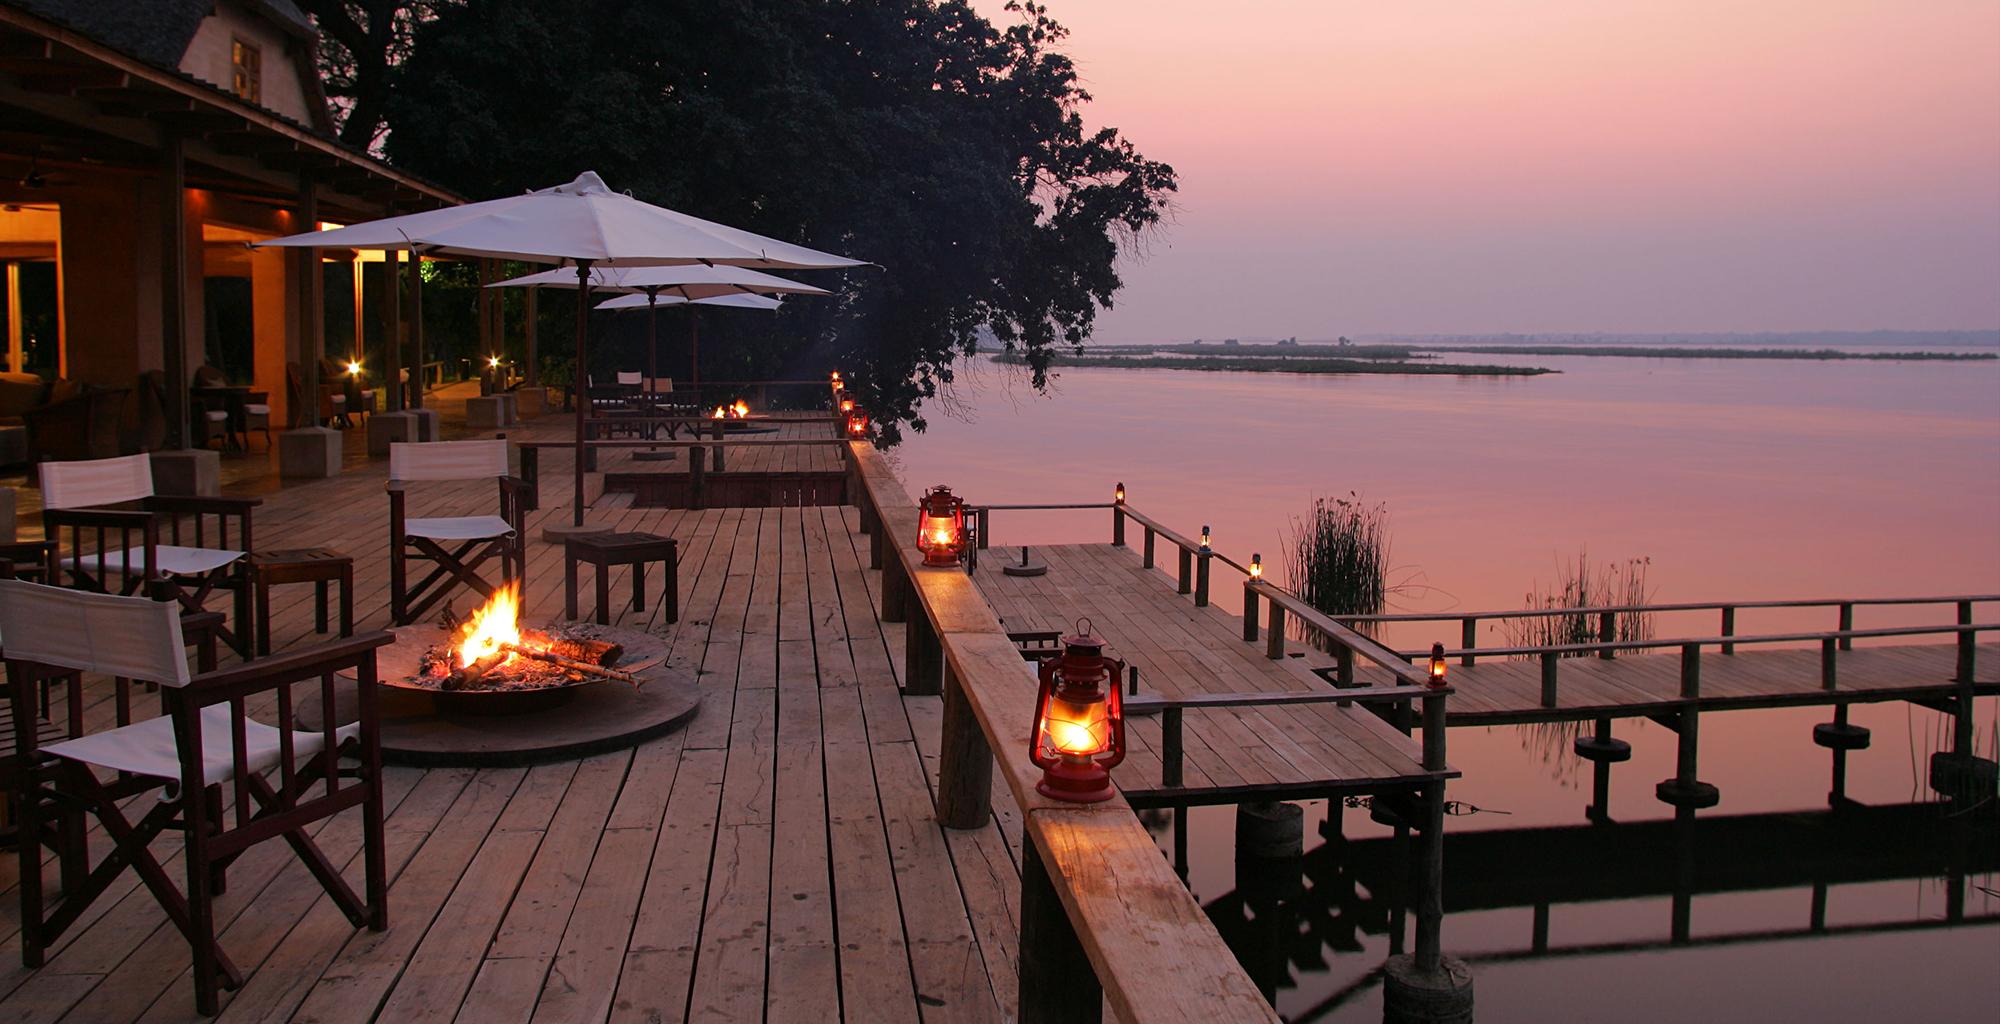 Zambia-Royal-Zambezi-Deck-Sunset